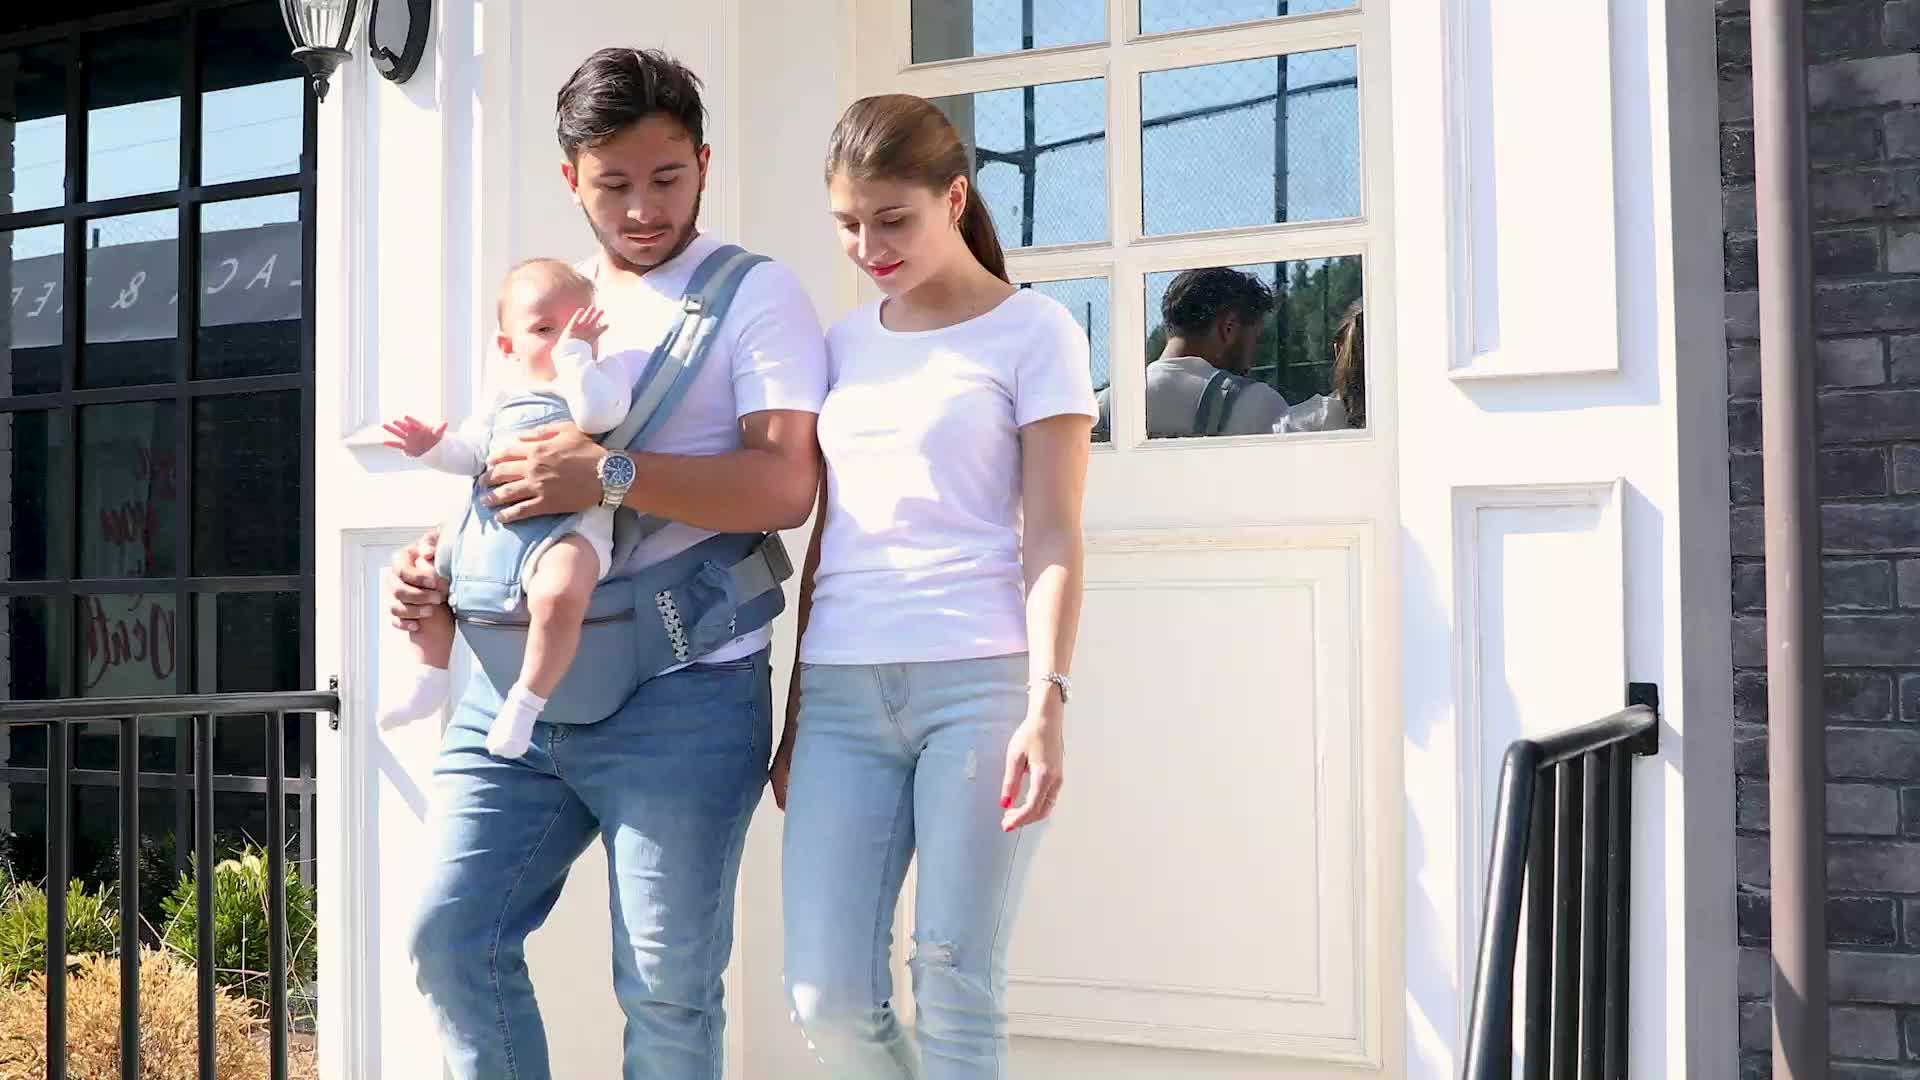 0-48M Ergonomische Baby Träger Infant Baby Hipseat Träger Vorne Ergonomische Kangaroo Wrap Sling für Baby Reise